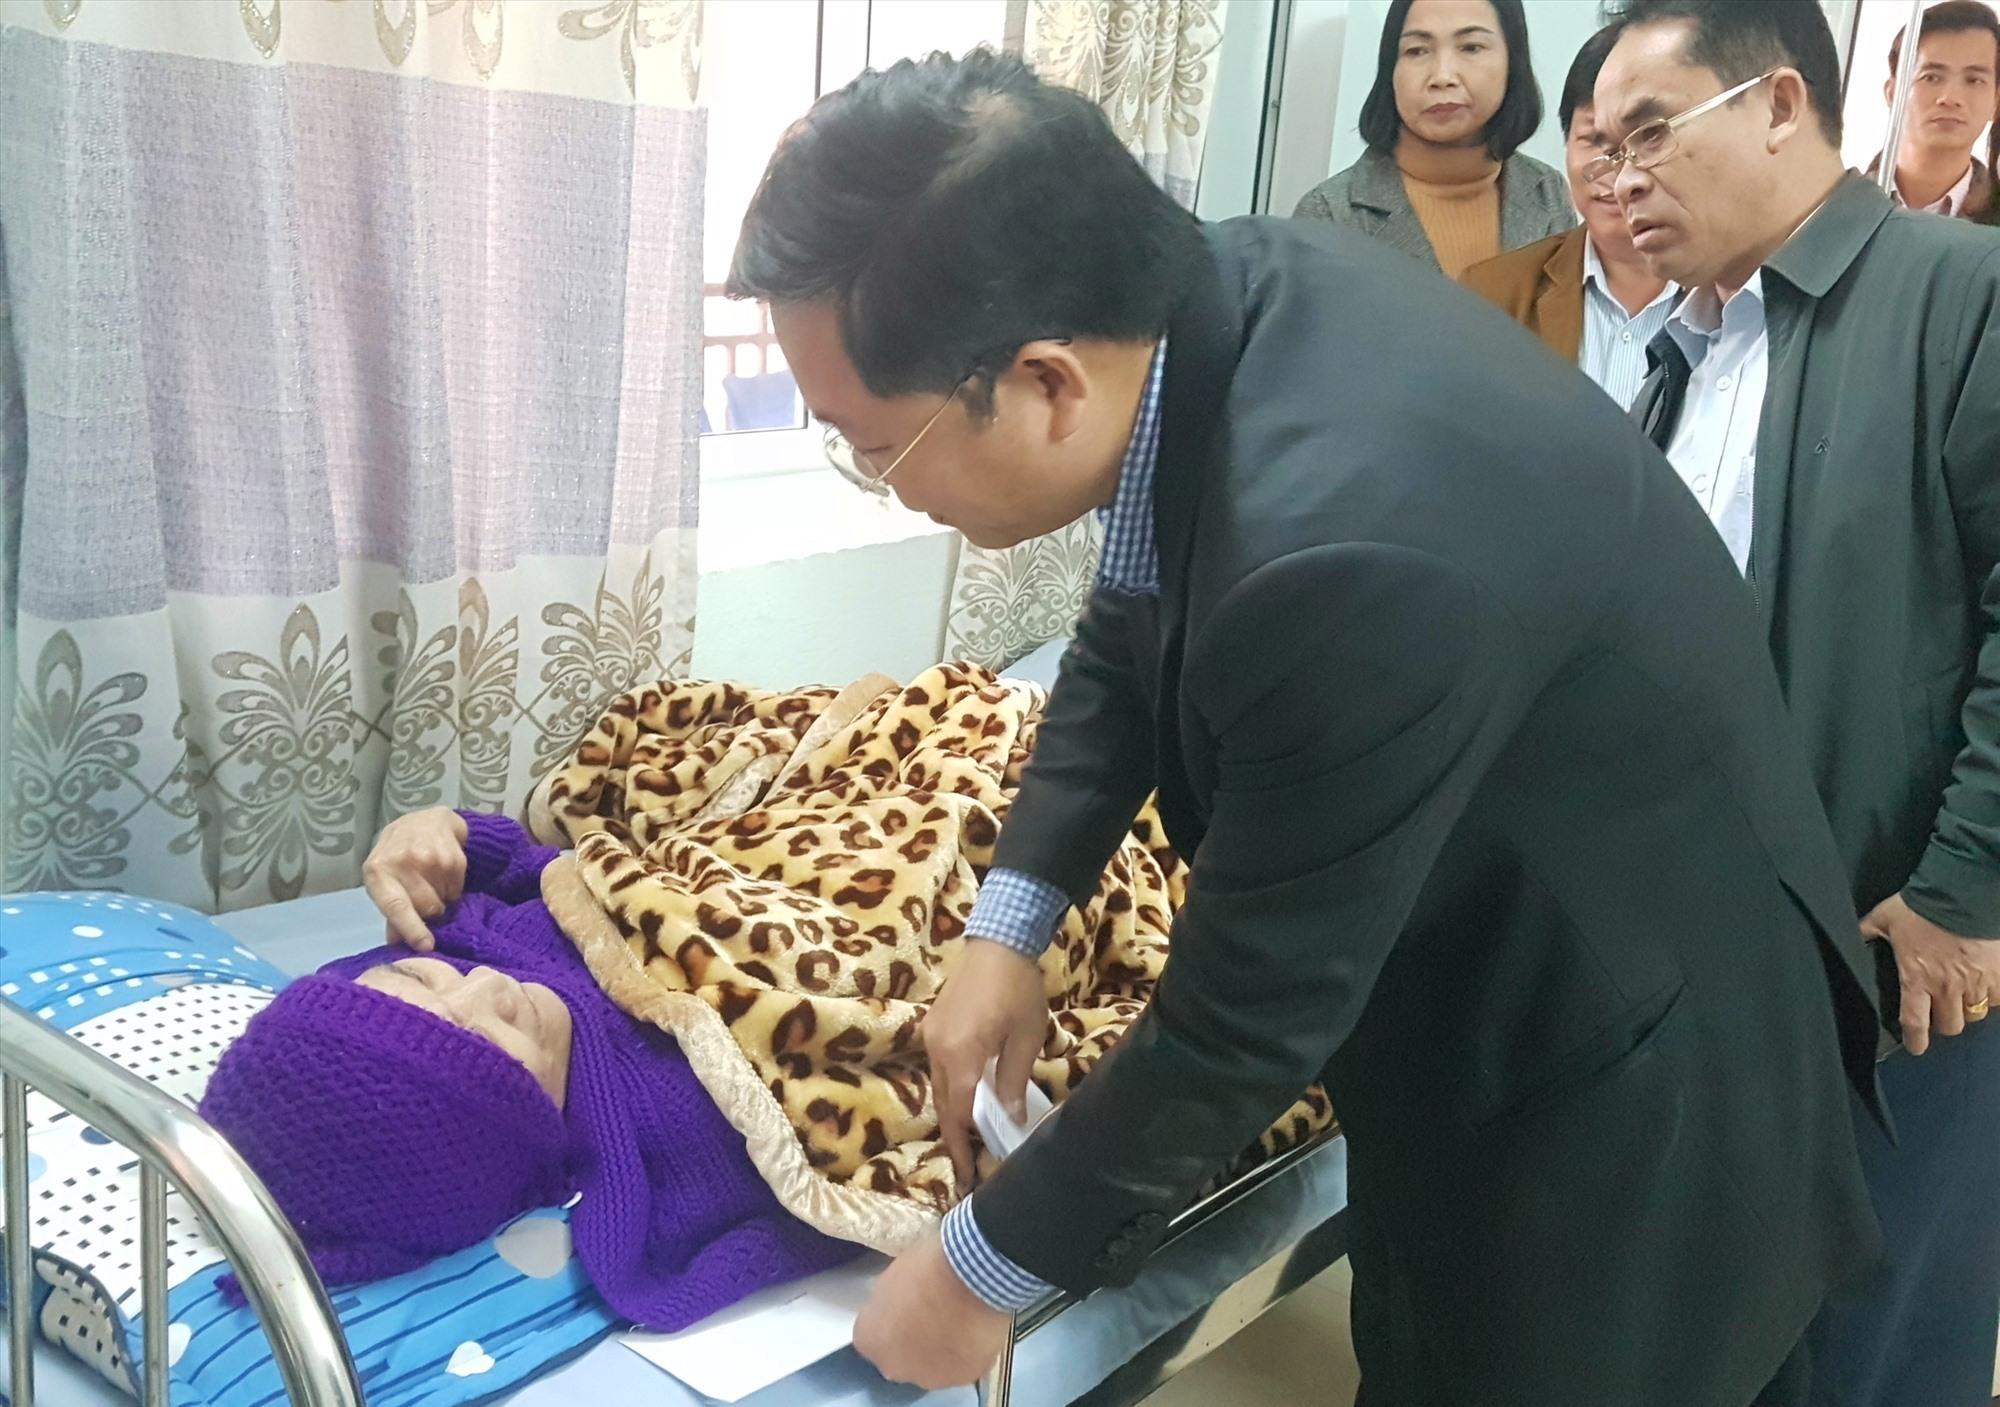 Chủ tịch Lê Trí Thanh đến từng giường thăm, tặng quà người có công bị bệnh nặng, già yếu. Ảnh: D.L